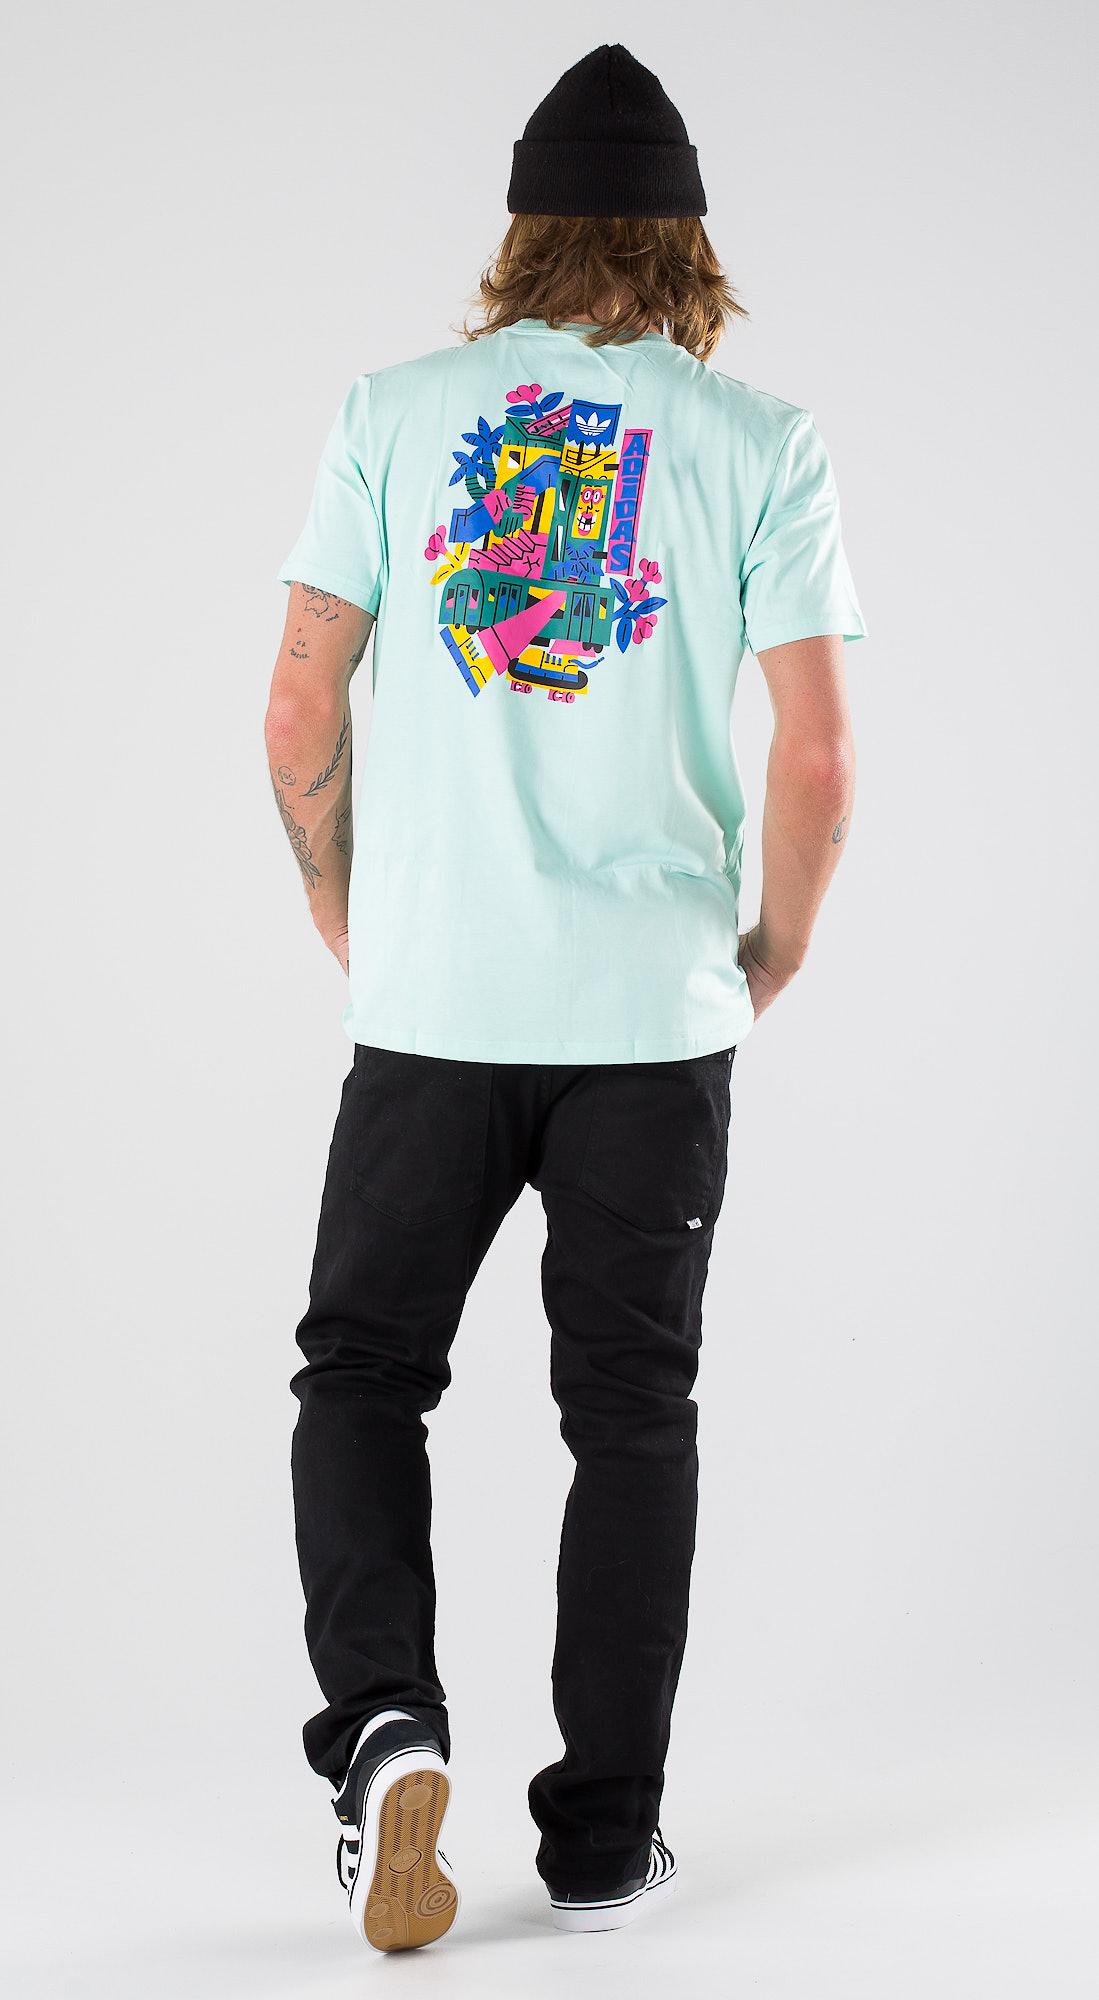 11cb487f31a Adidas Skateboarding